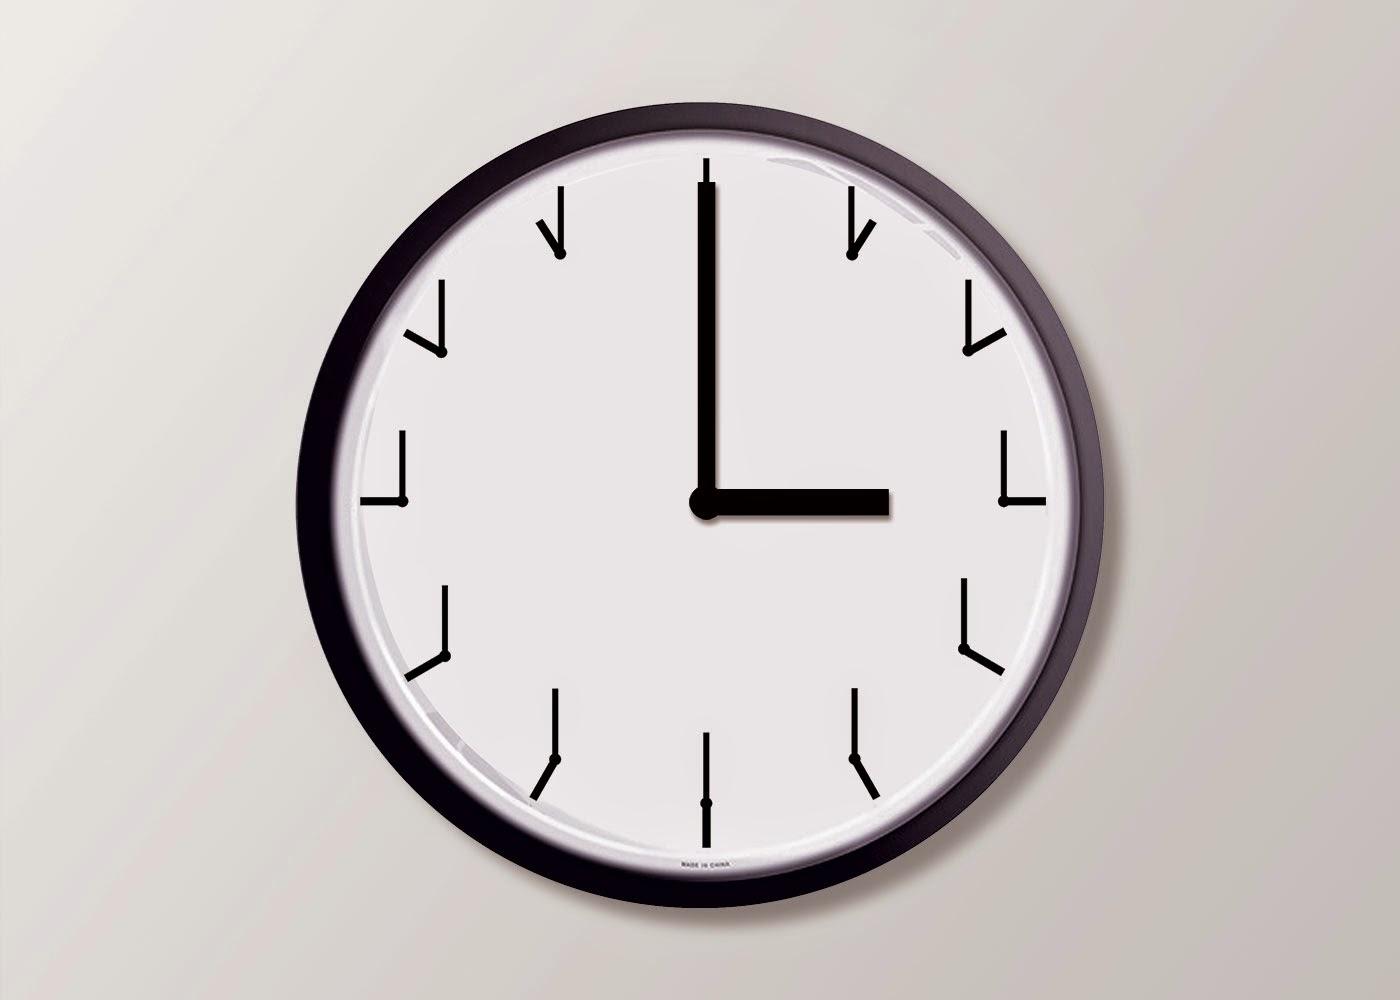 Un rellotge que en comptes de números te uns rellotgets amb l'hora que toca a la seva posició.